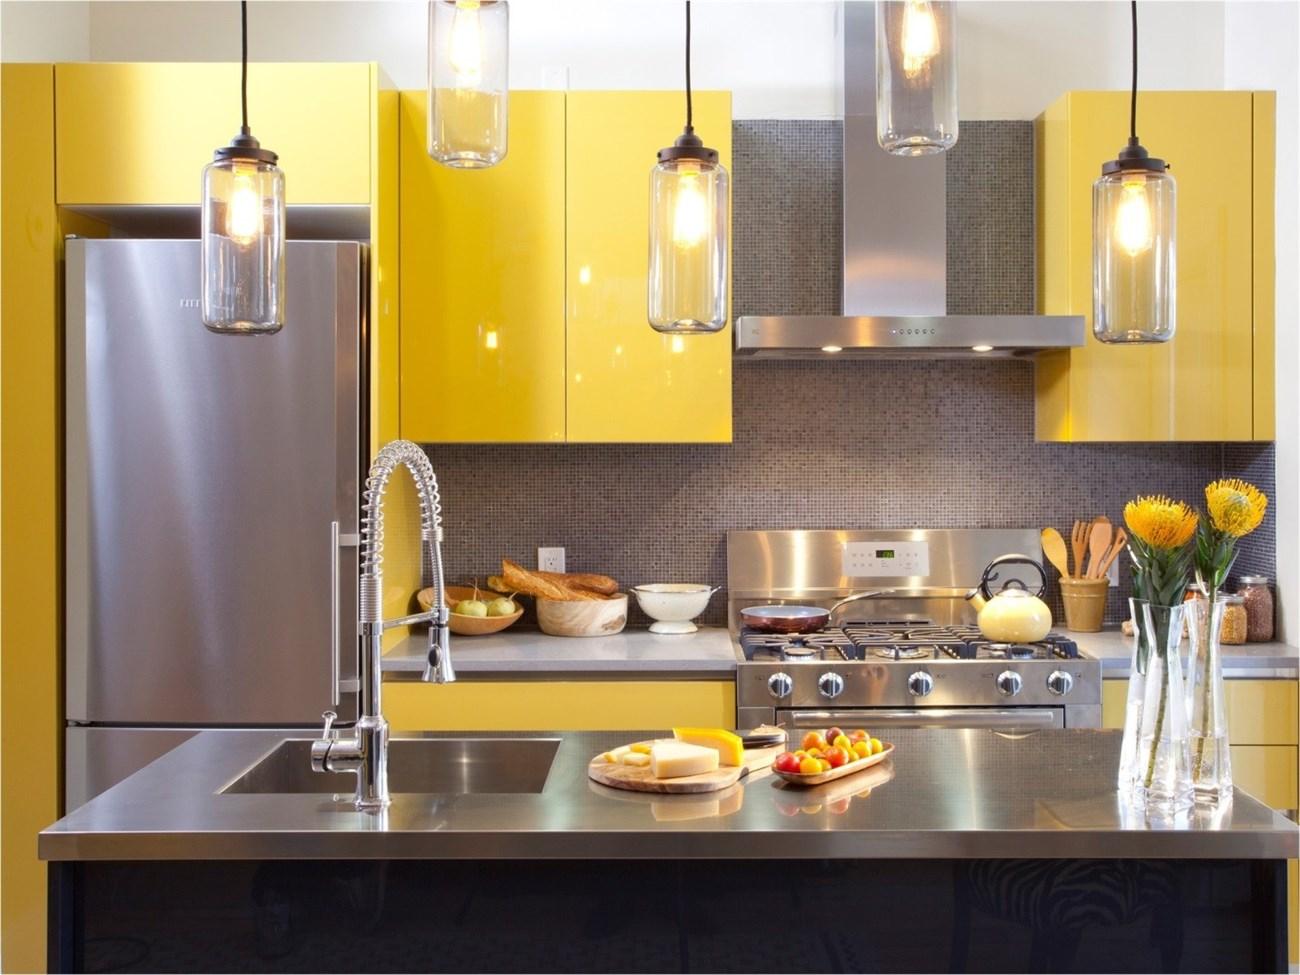 Chuyên đóng tủ bếp giá rẻ TPHCM hiện nay